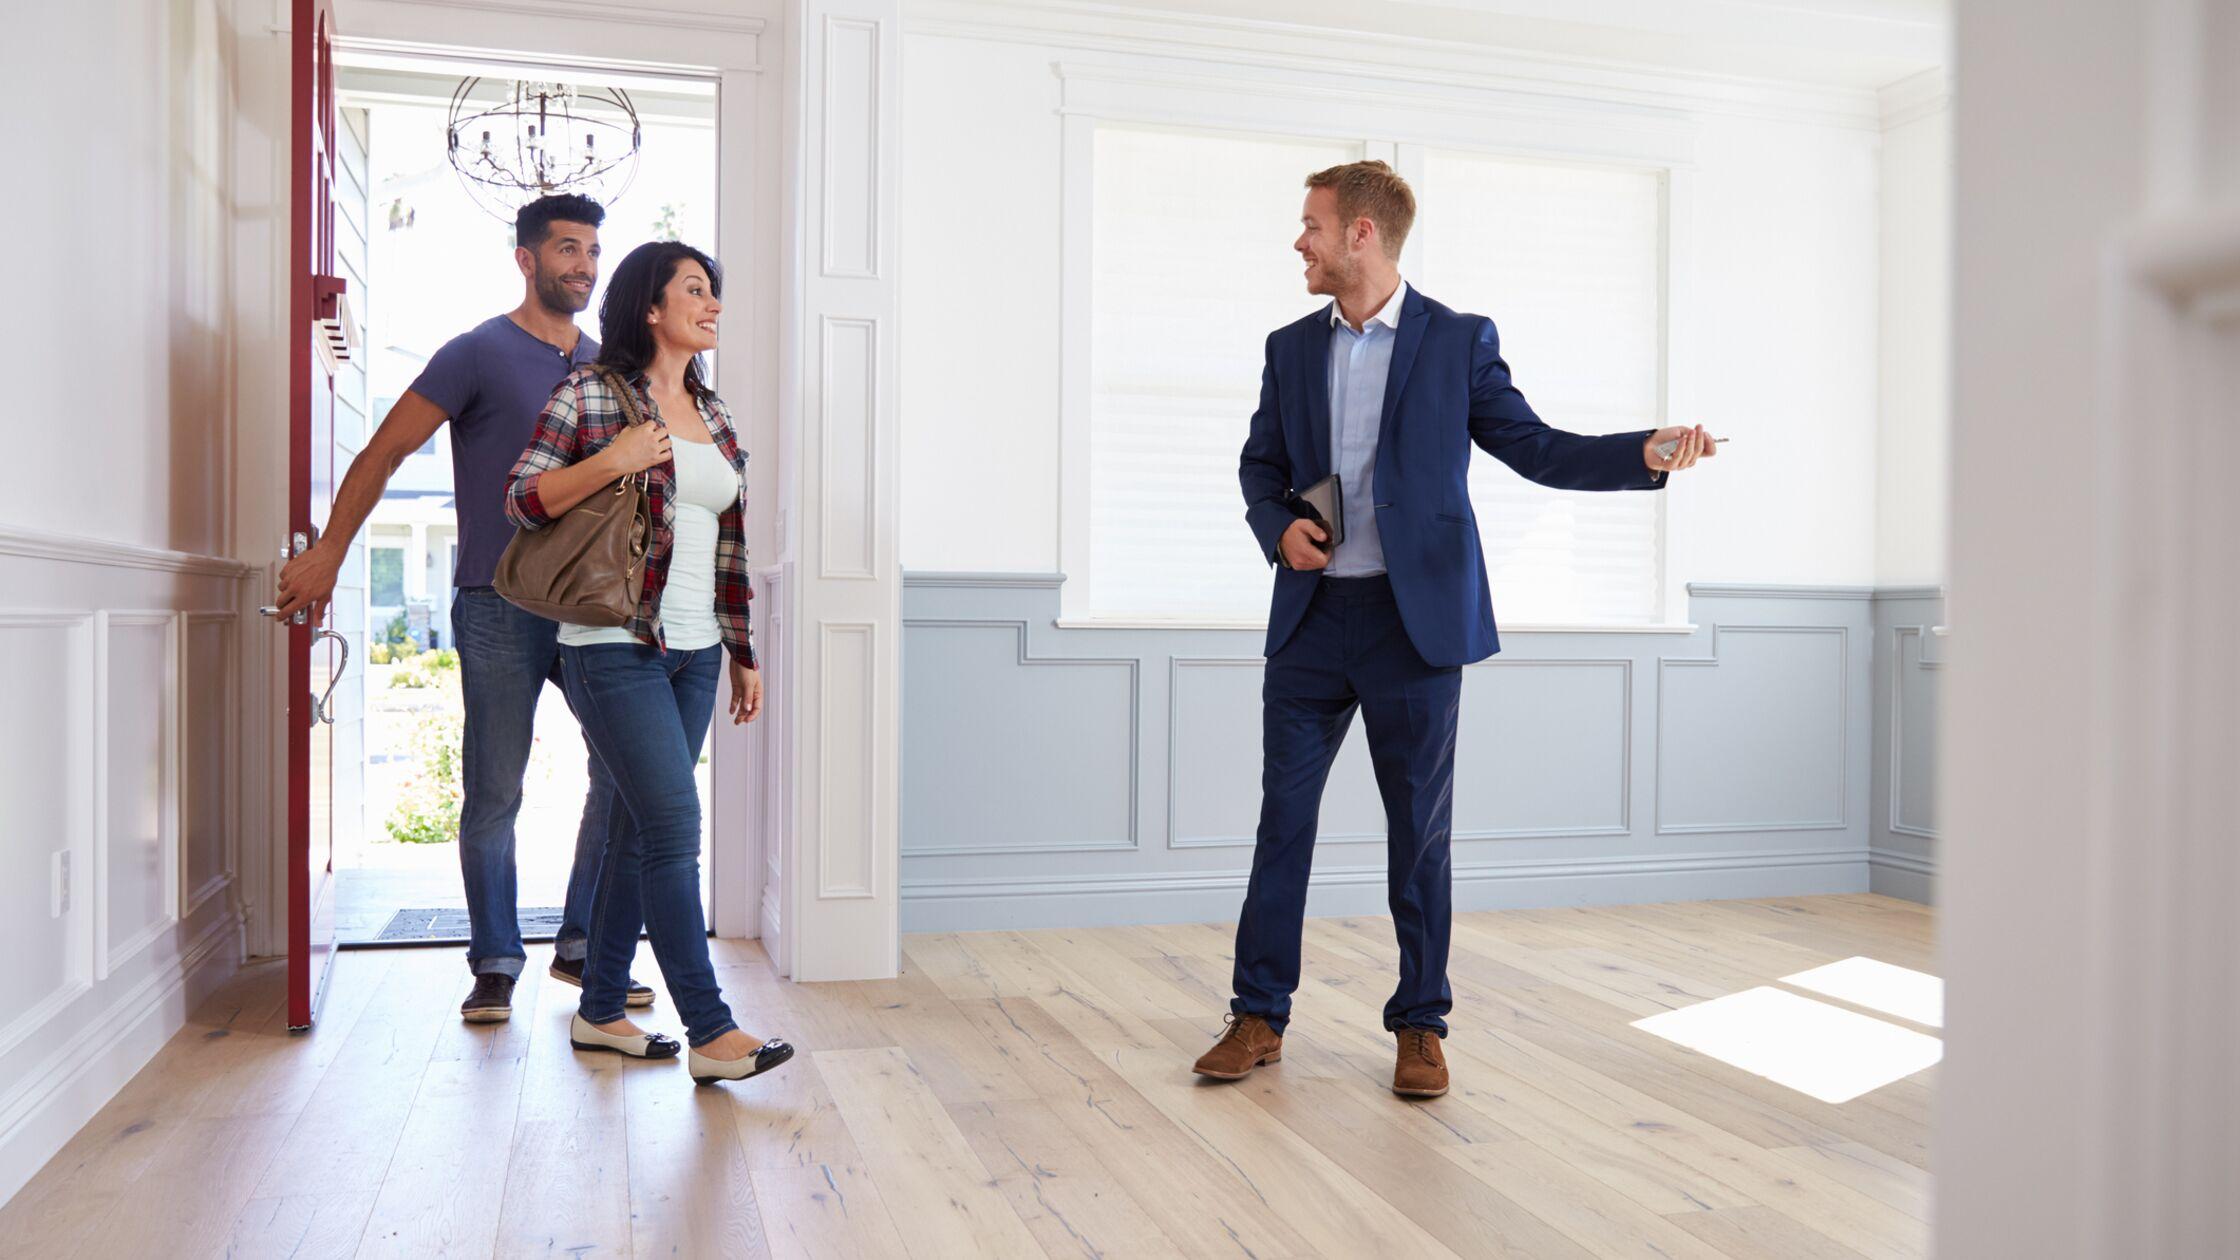 Eine kleine Wohnung oder gleich ein ganzes Haus – was suchen Sie gerade?